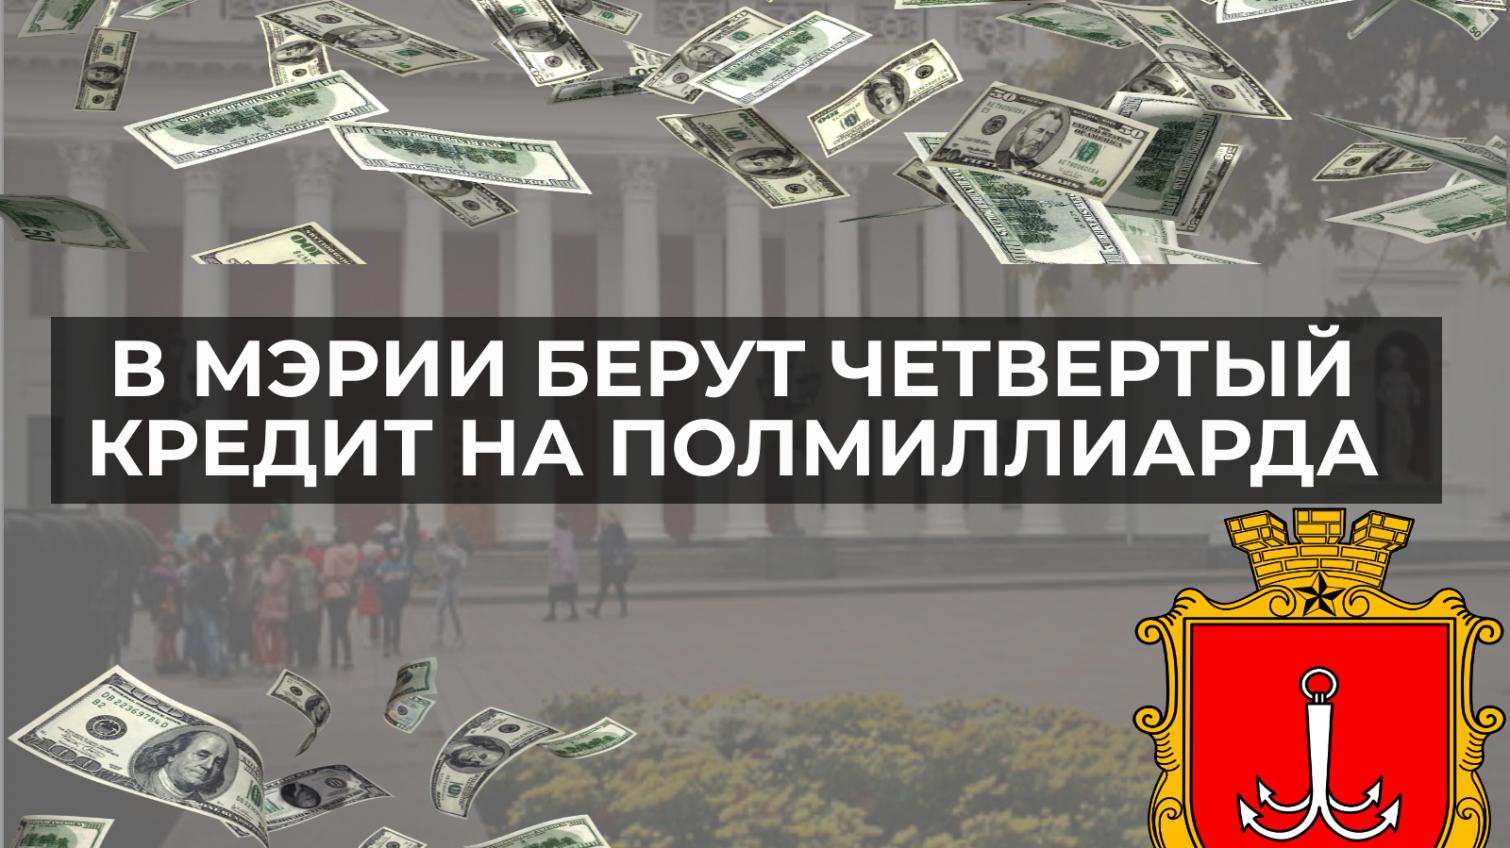 В мэрии берут четвертый кредит на полмиллиарда: он пойдет на лифты, дороги и новые многомиллионные ремонты (инфографика) «фото»